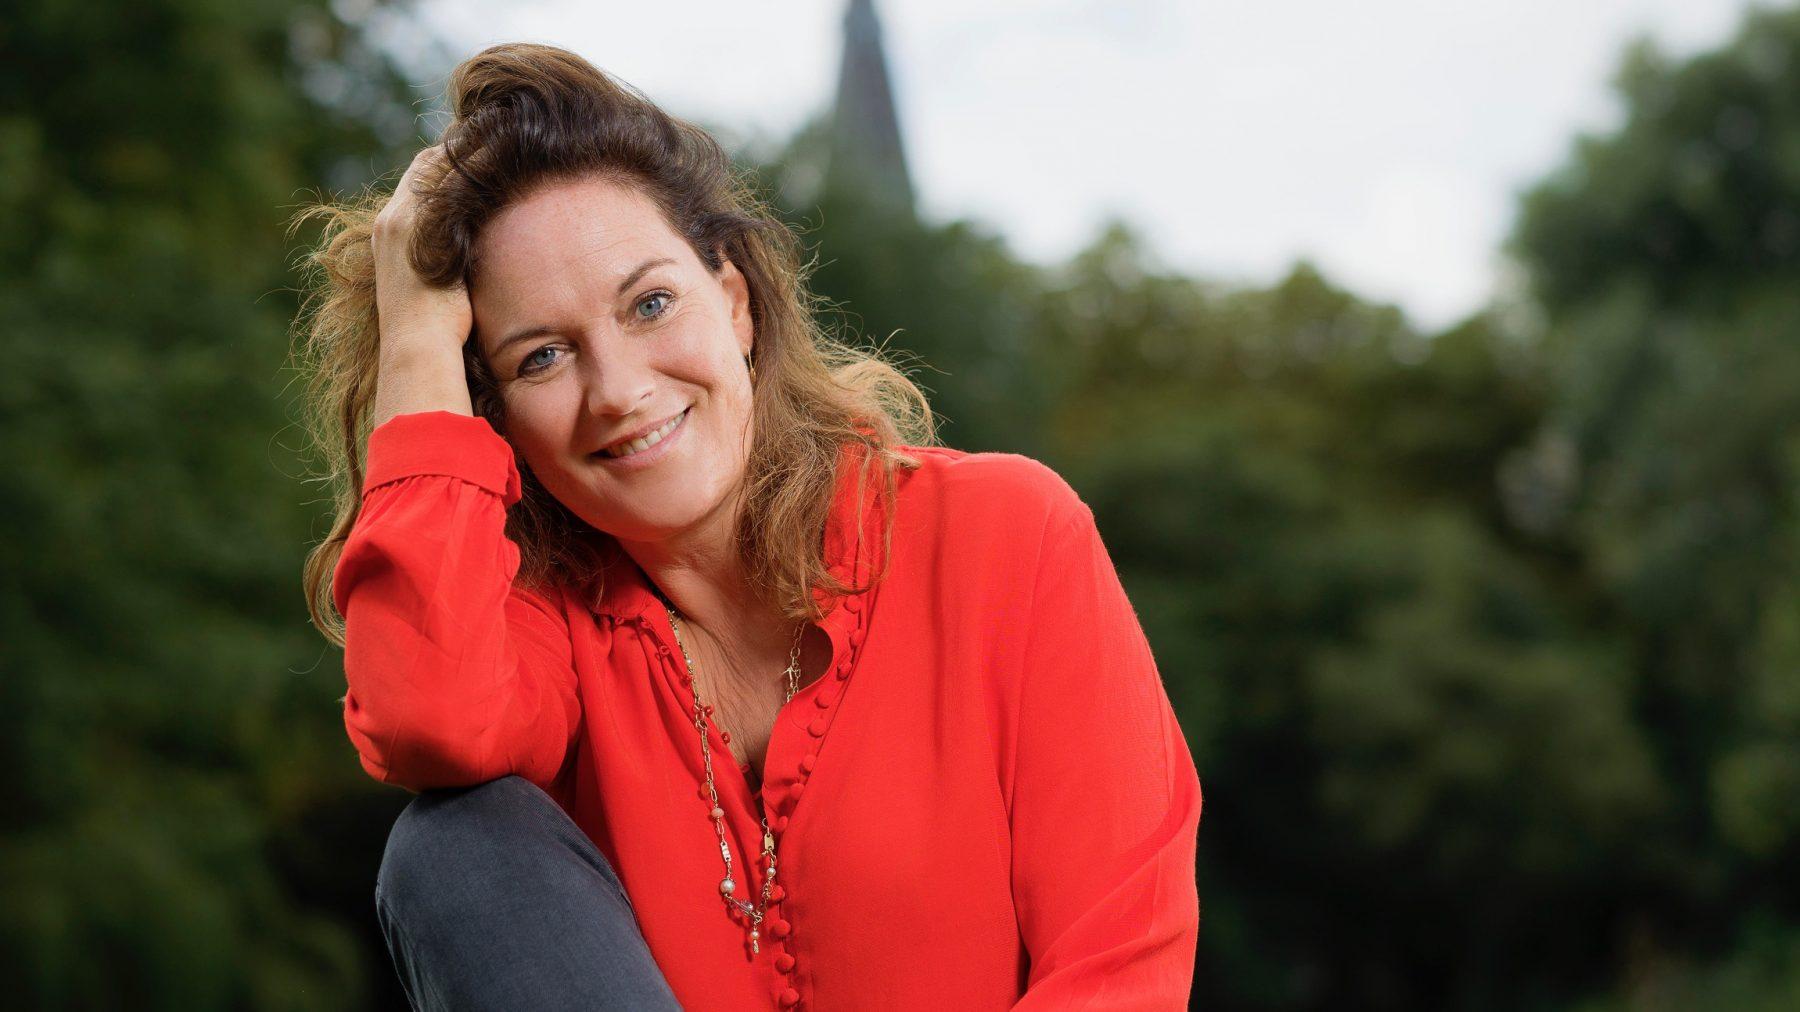 Maike Meijer beschrijft de overgang eerlijk en schaamteloos: 'Ze noemen me 'polder Bridget Jones''